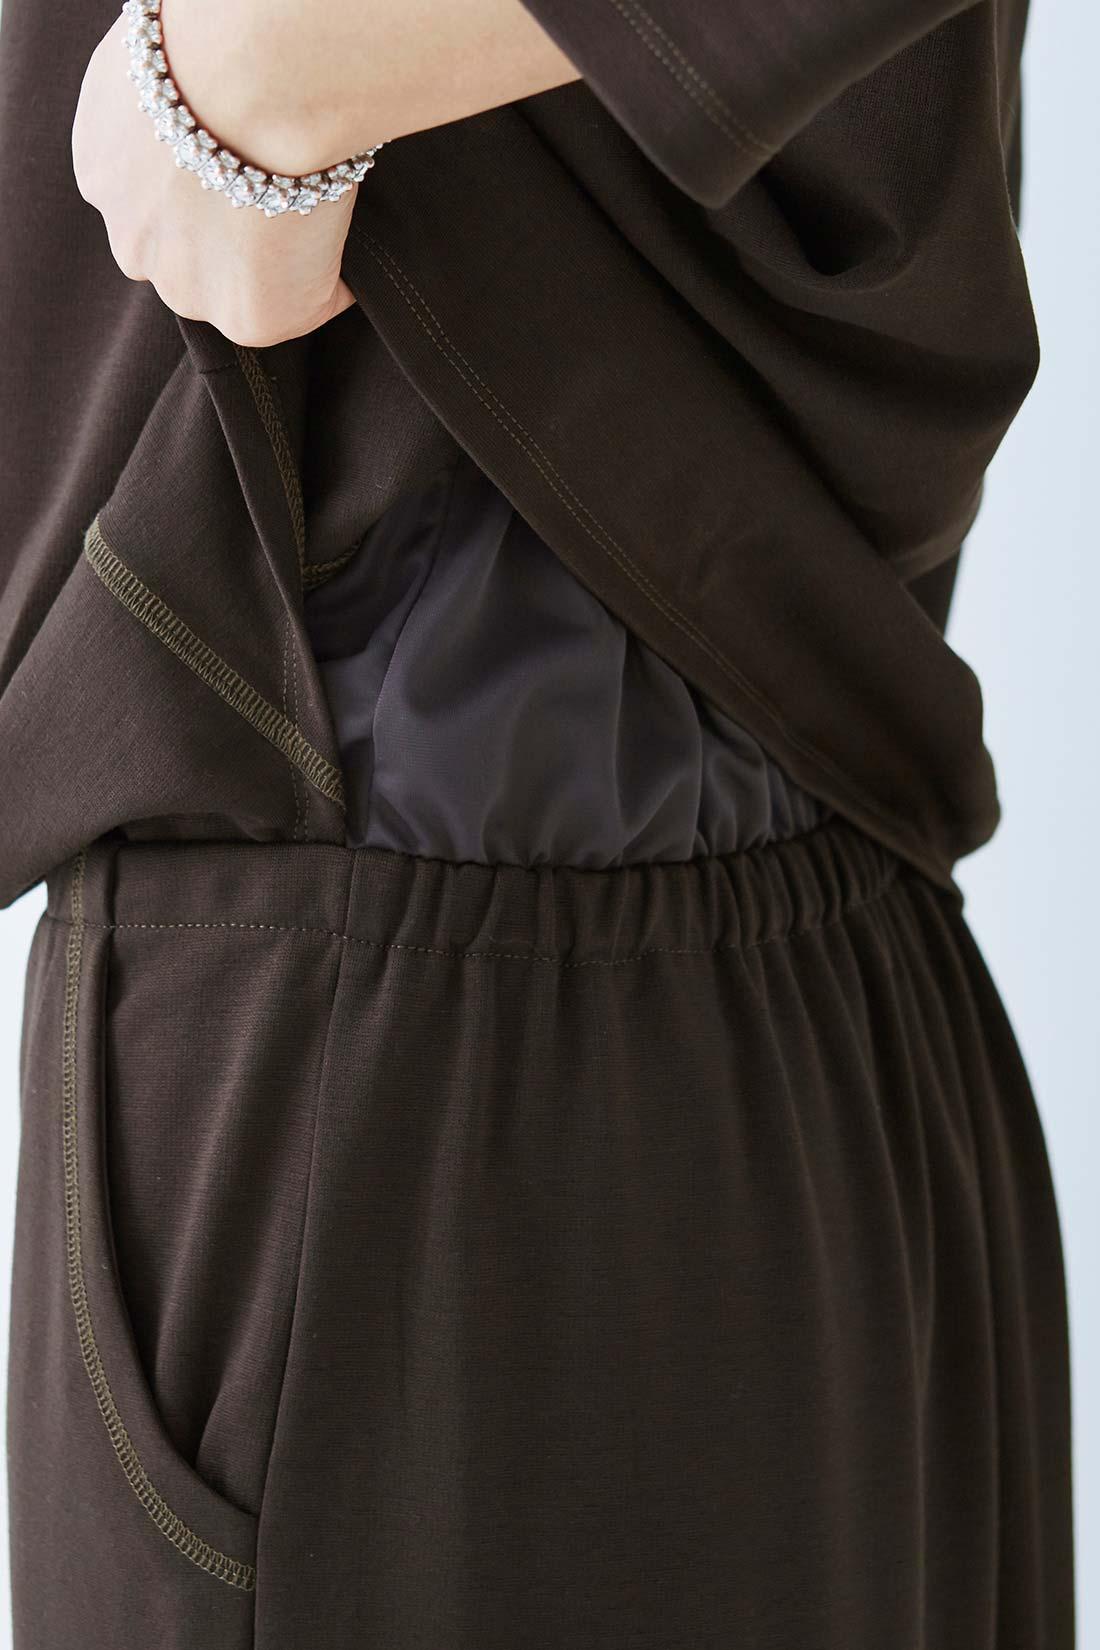 身ごろとスカートを裏地でドッキング。ウエスト位置はブラウジングで微調整が可能。